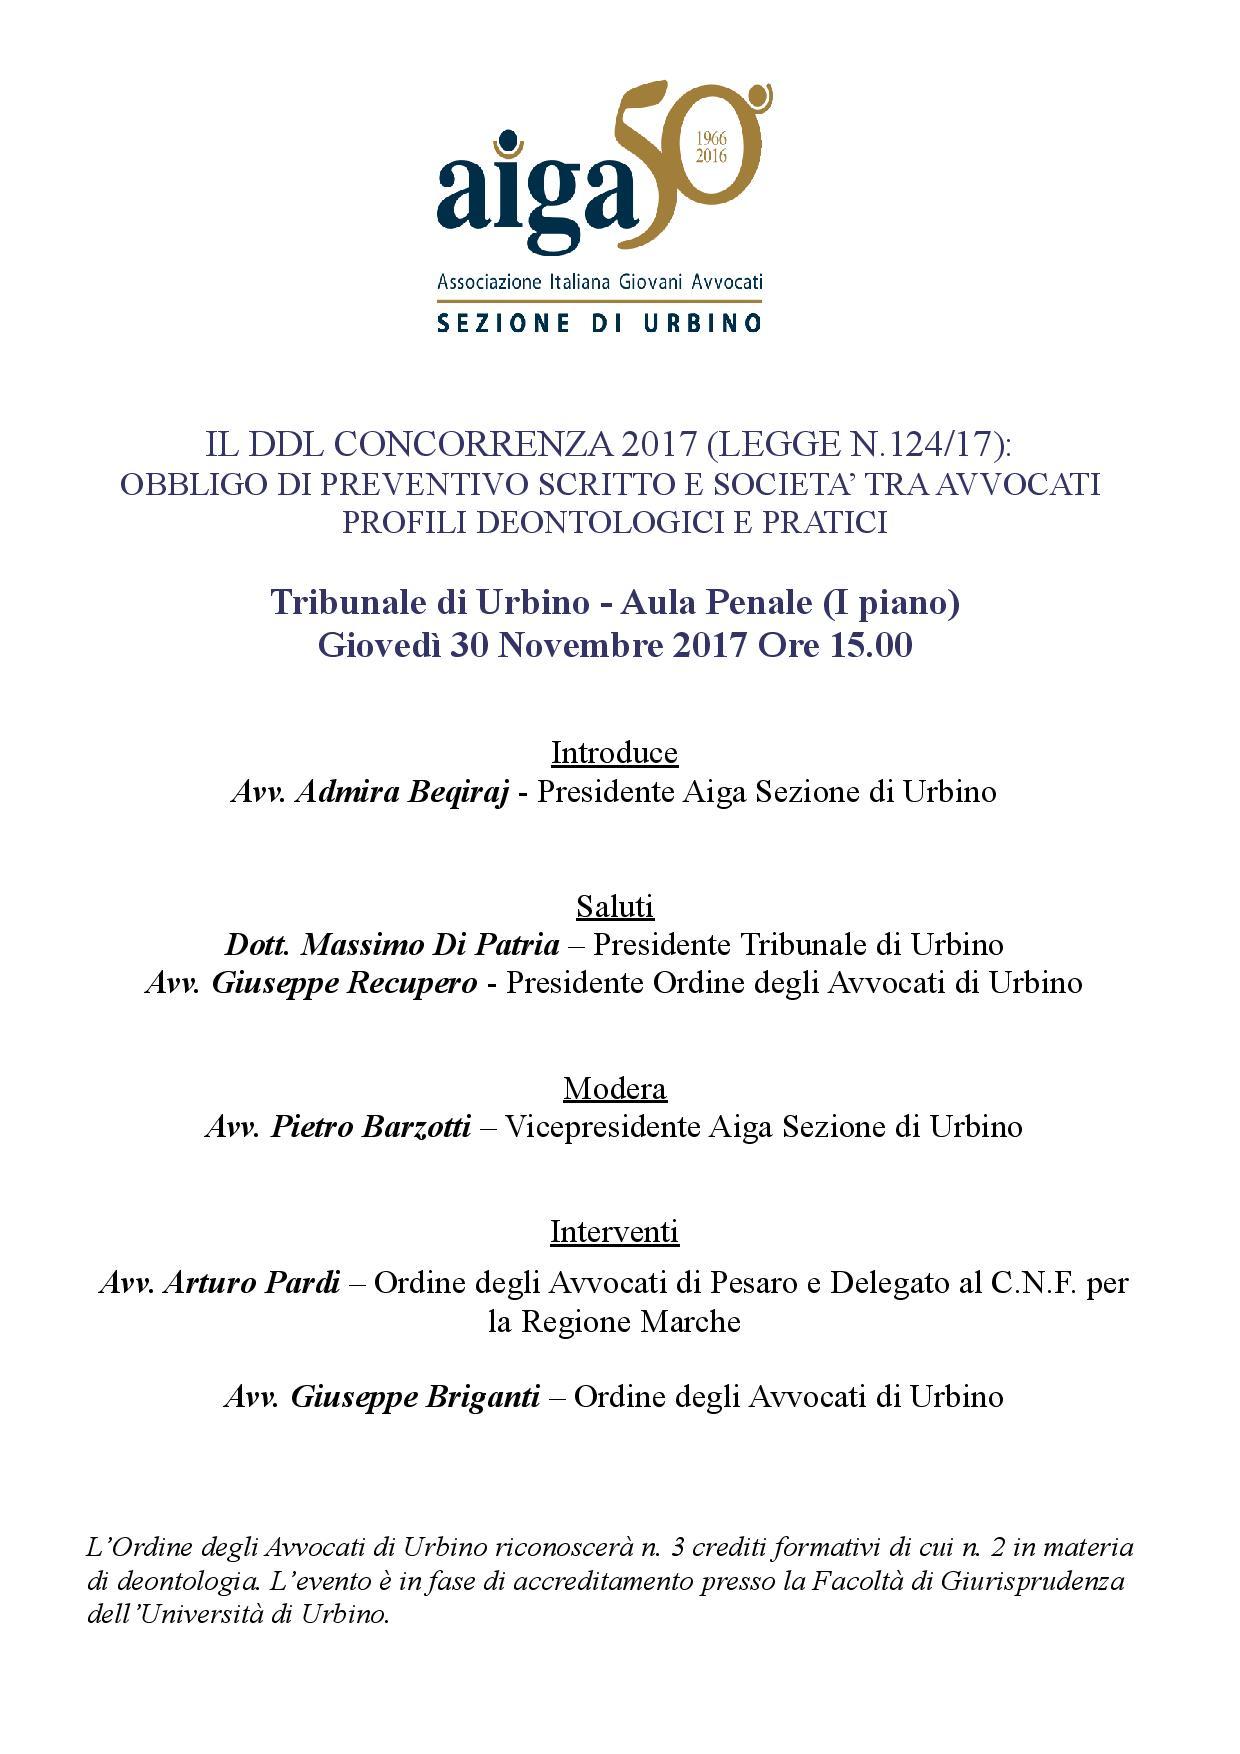 Avvocati, obbligo di preventivo e società tra professionisti: si discute dei profili deontologici e pratici il 30/11 in Urbino